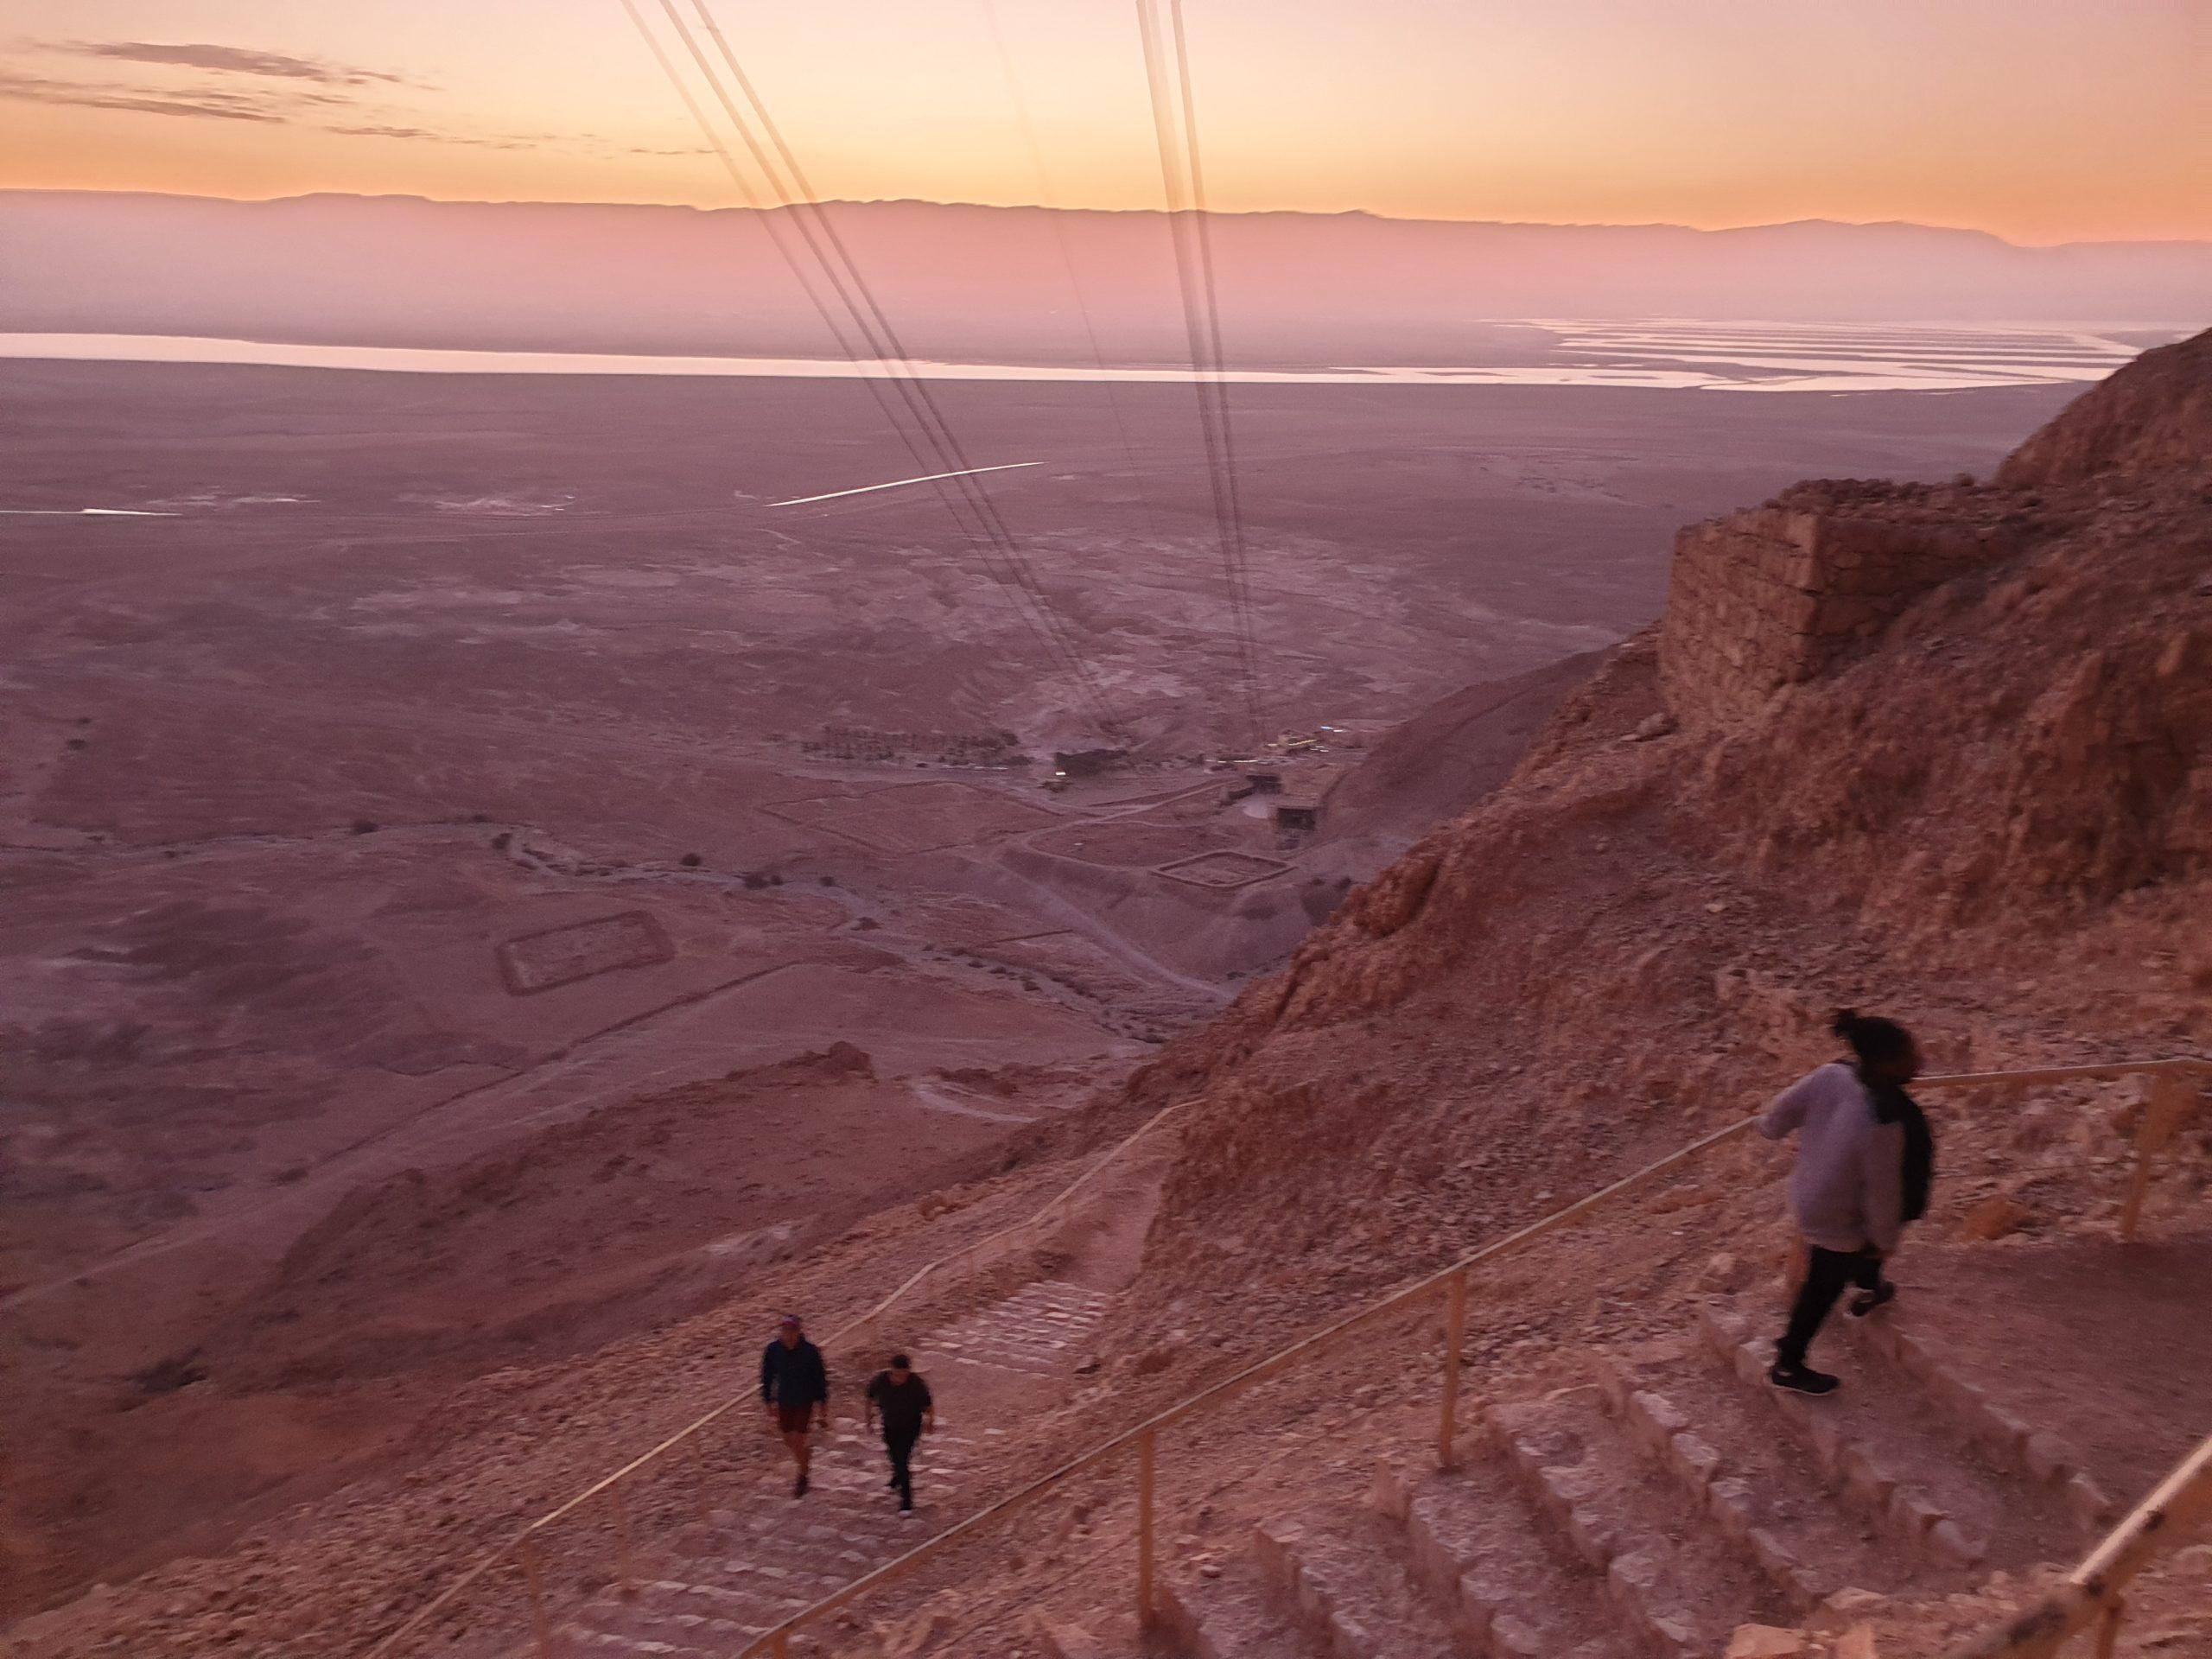 Der Aufstieg zur Festung Masada